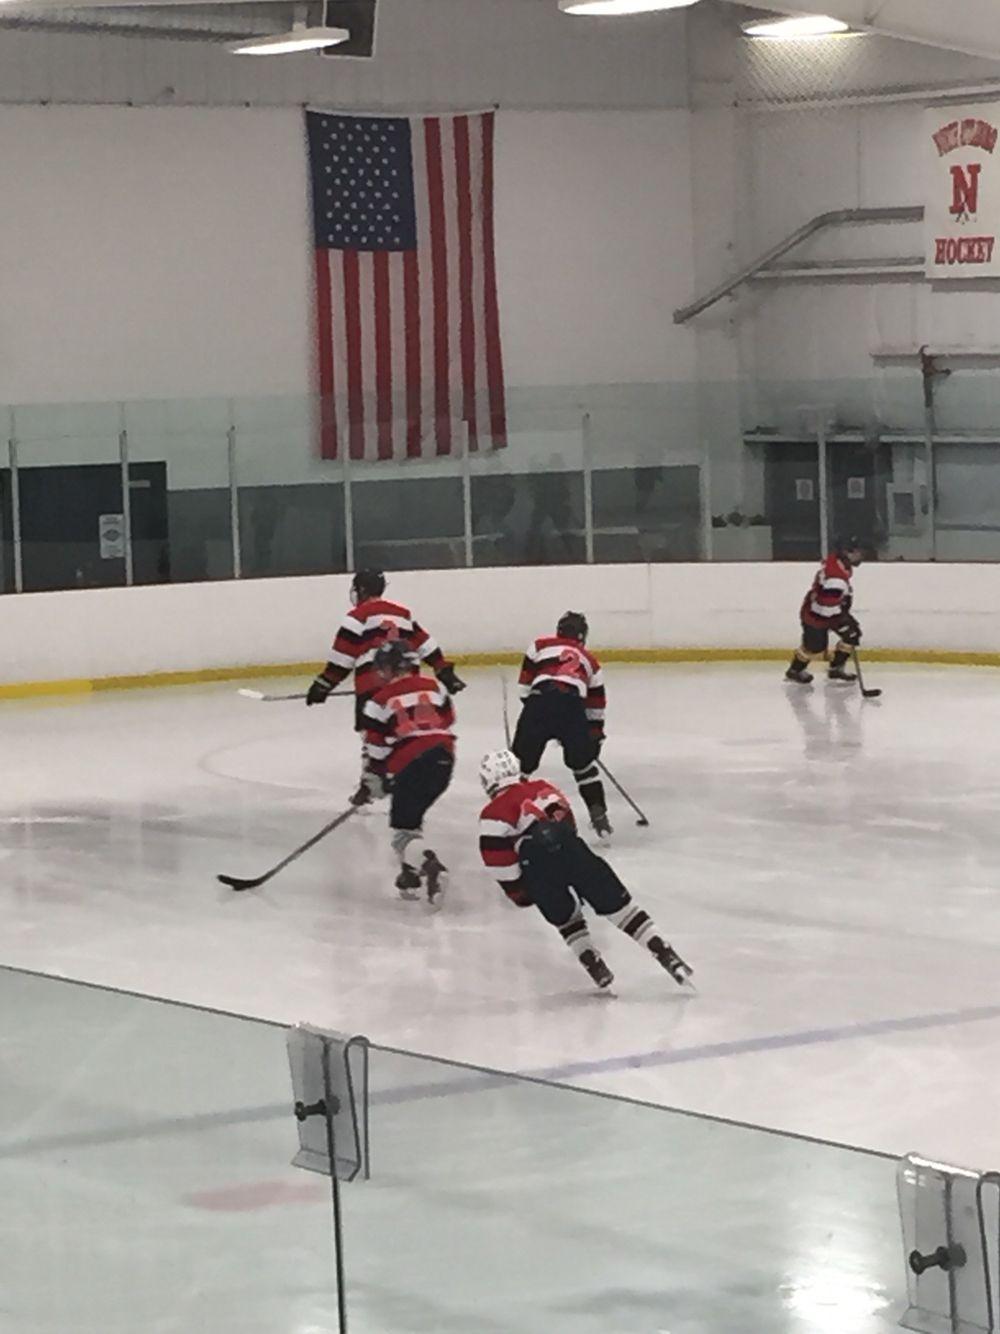 Channelling Kopf hockey